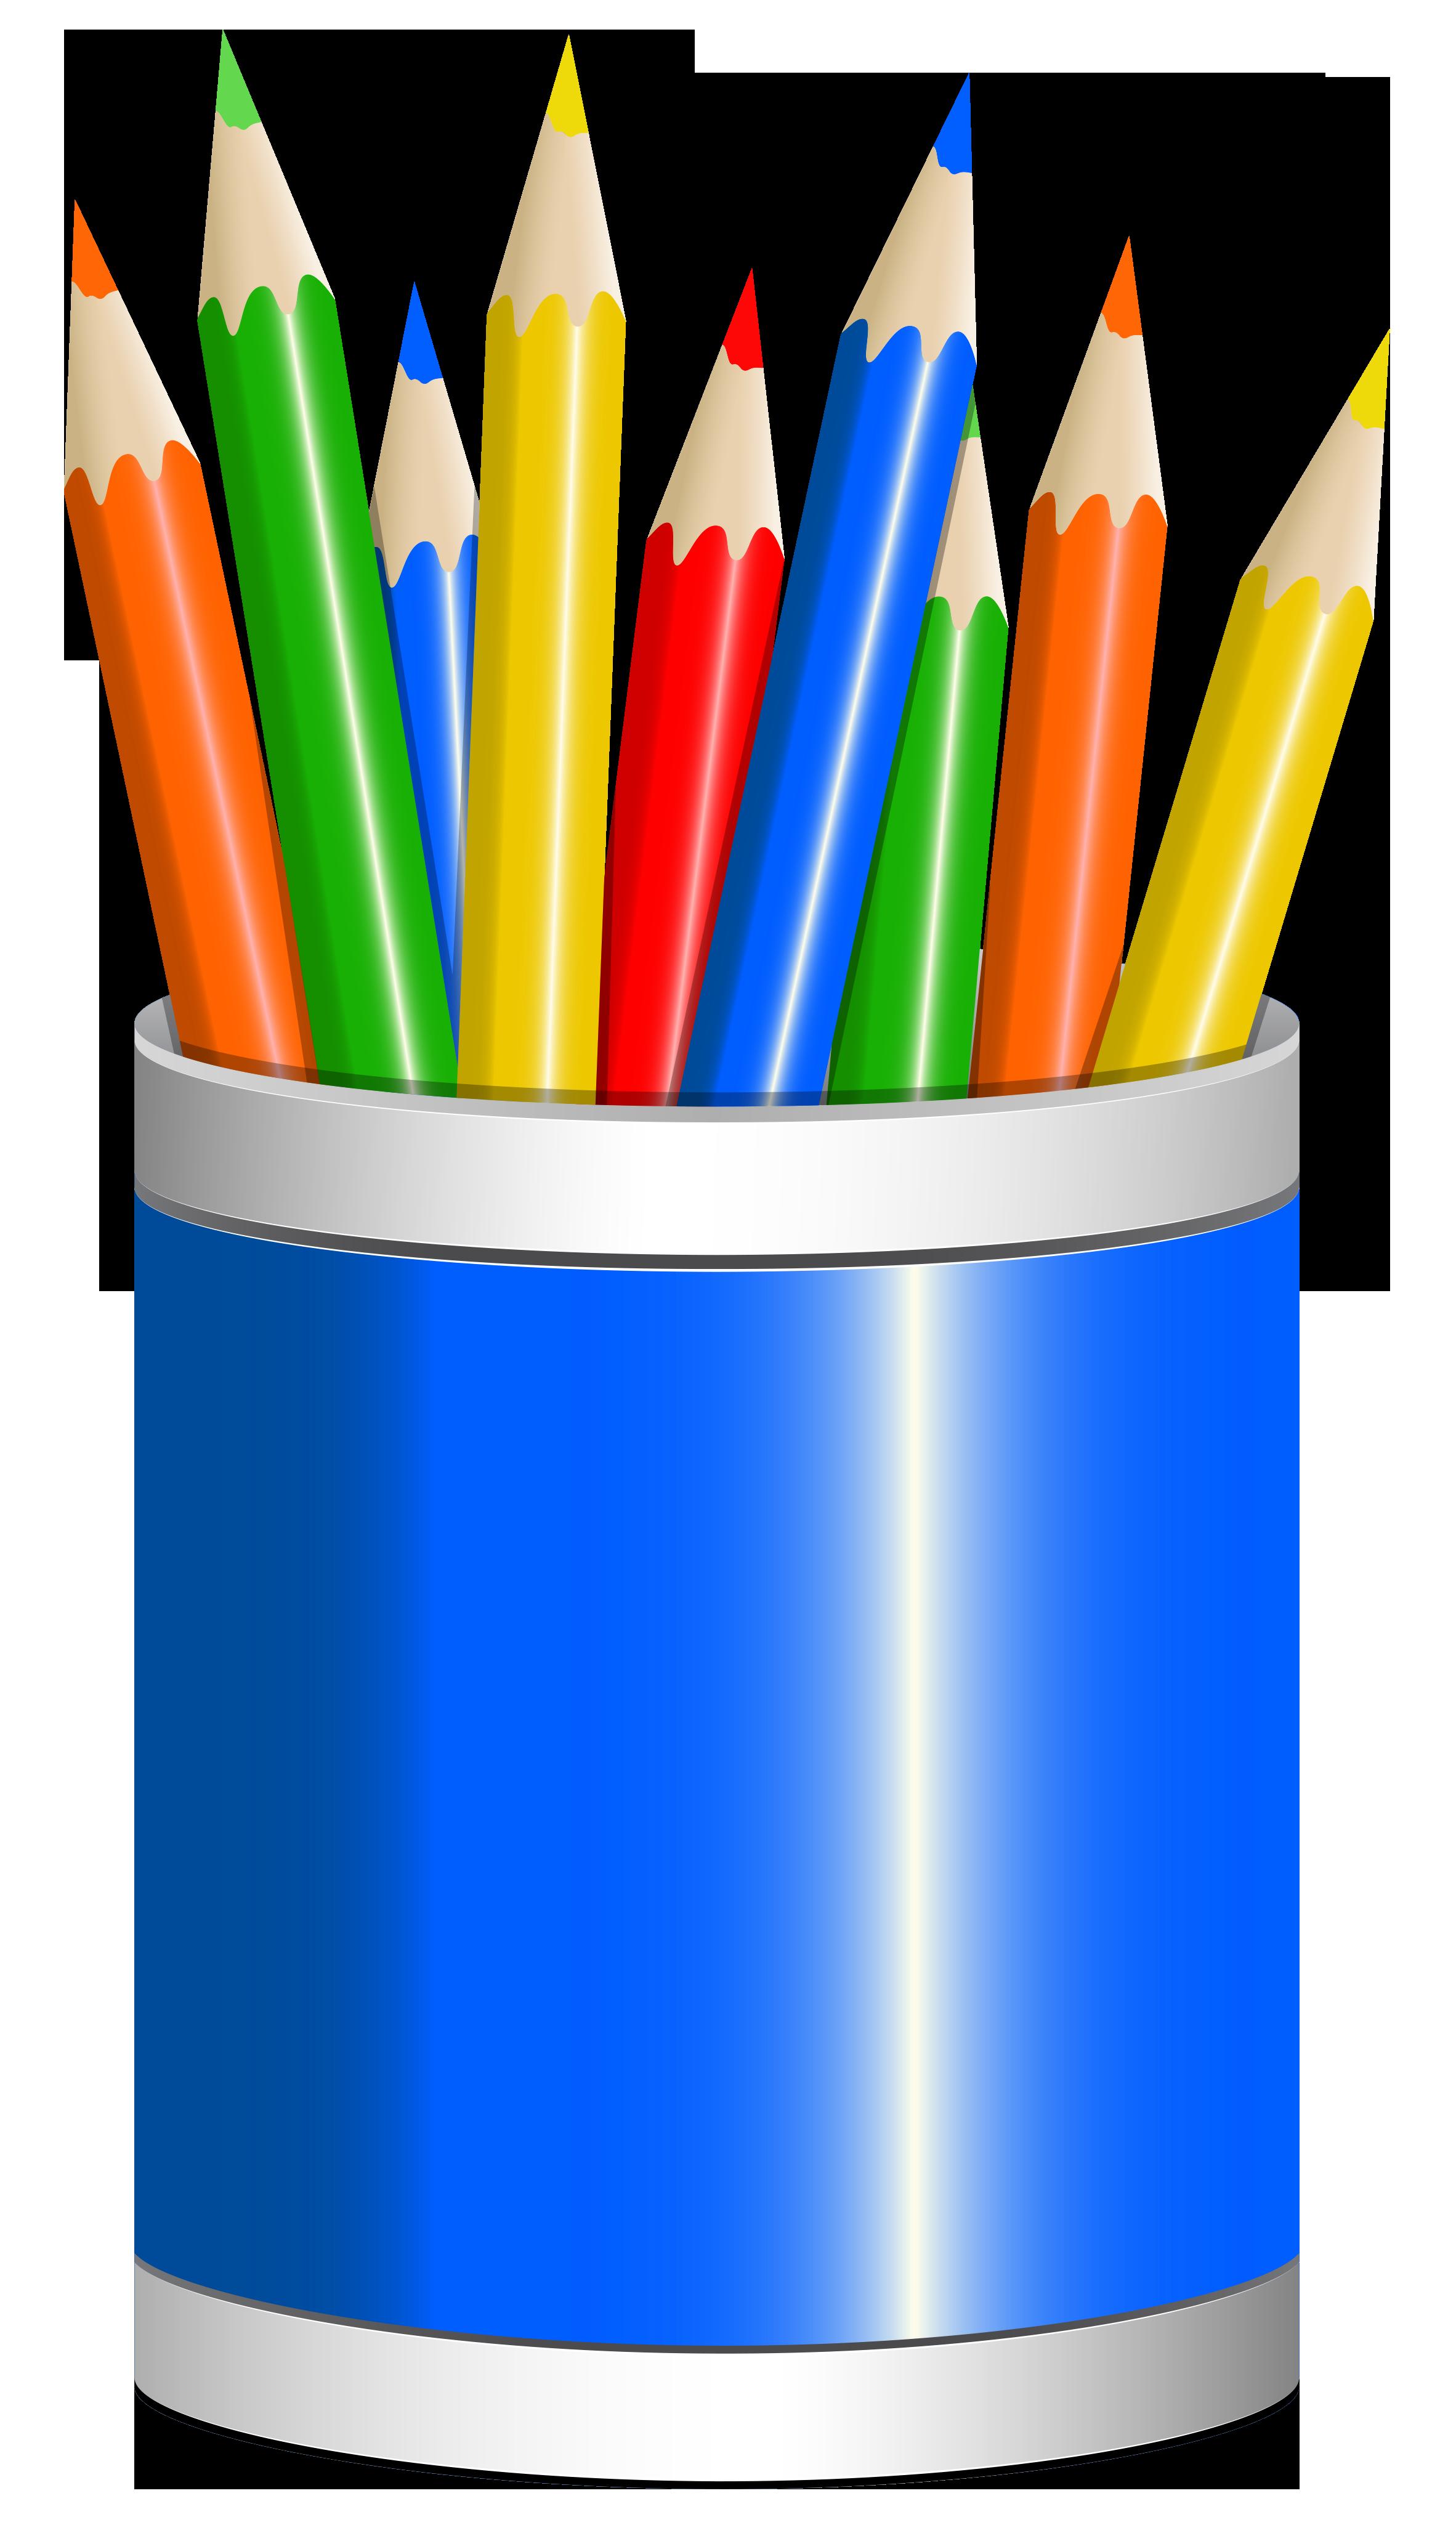 Crayons pencil cup